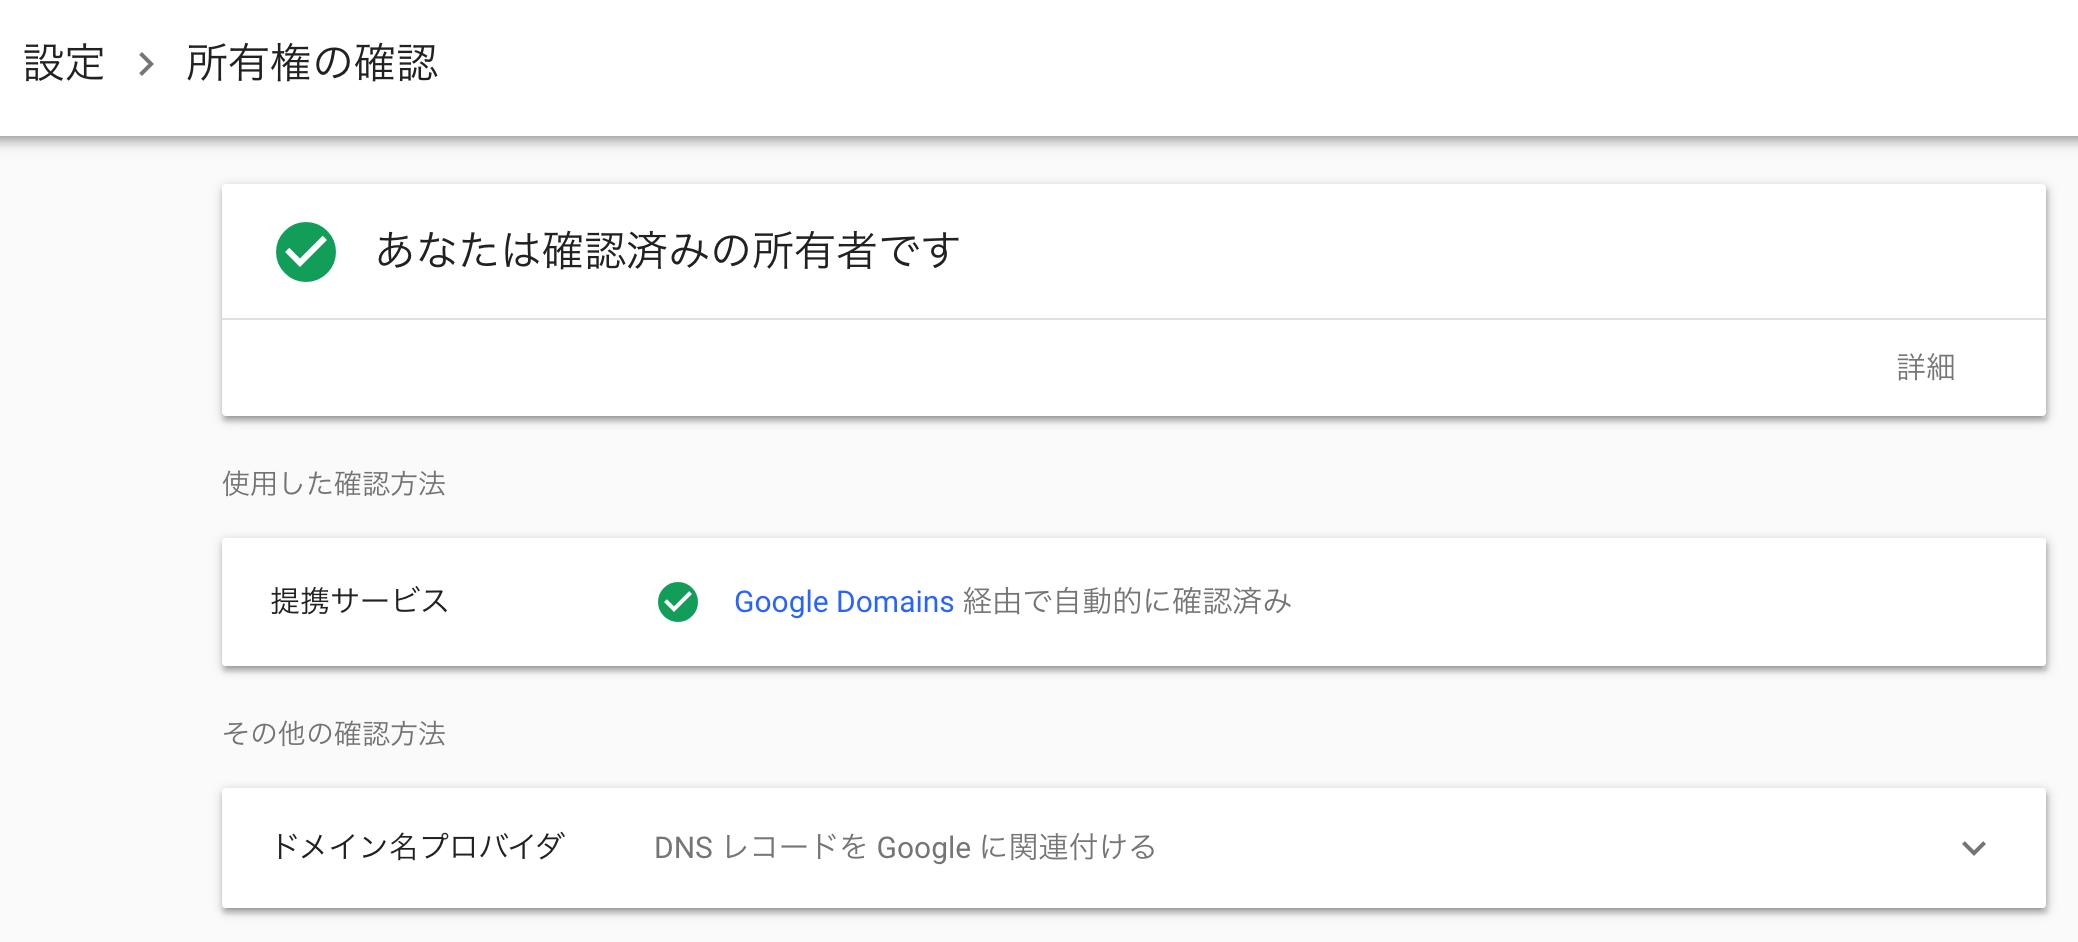 Google Search Consoleの所有権確認をGoogle Domainsで自動的に行なっているスクリーンショット